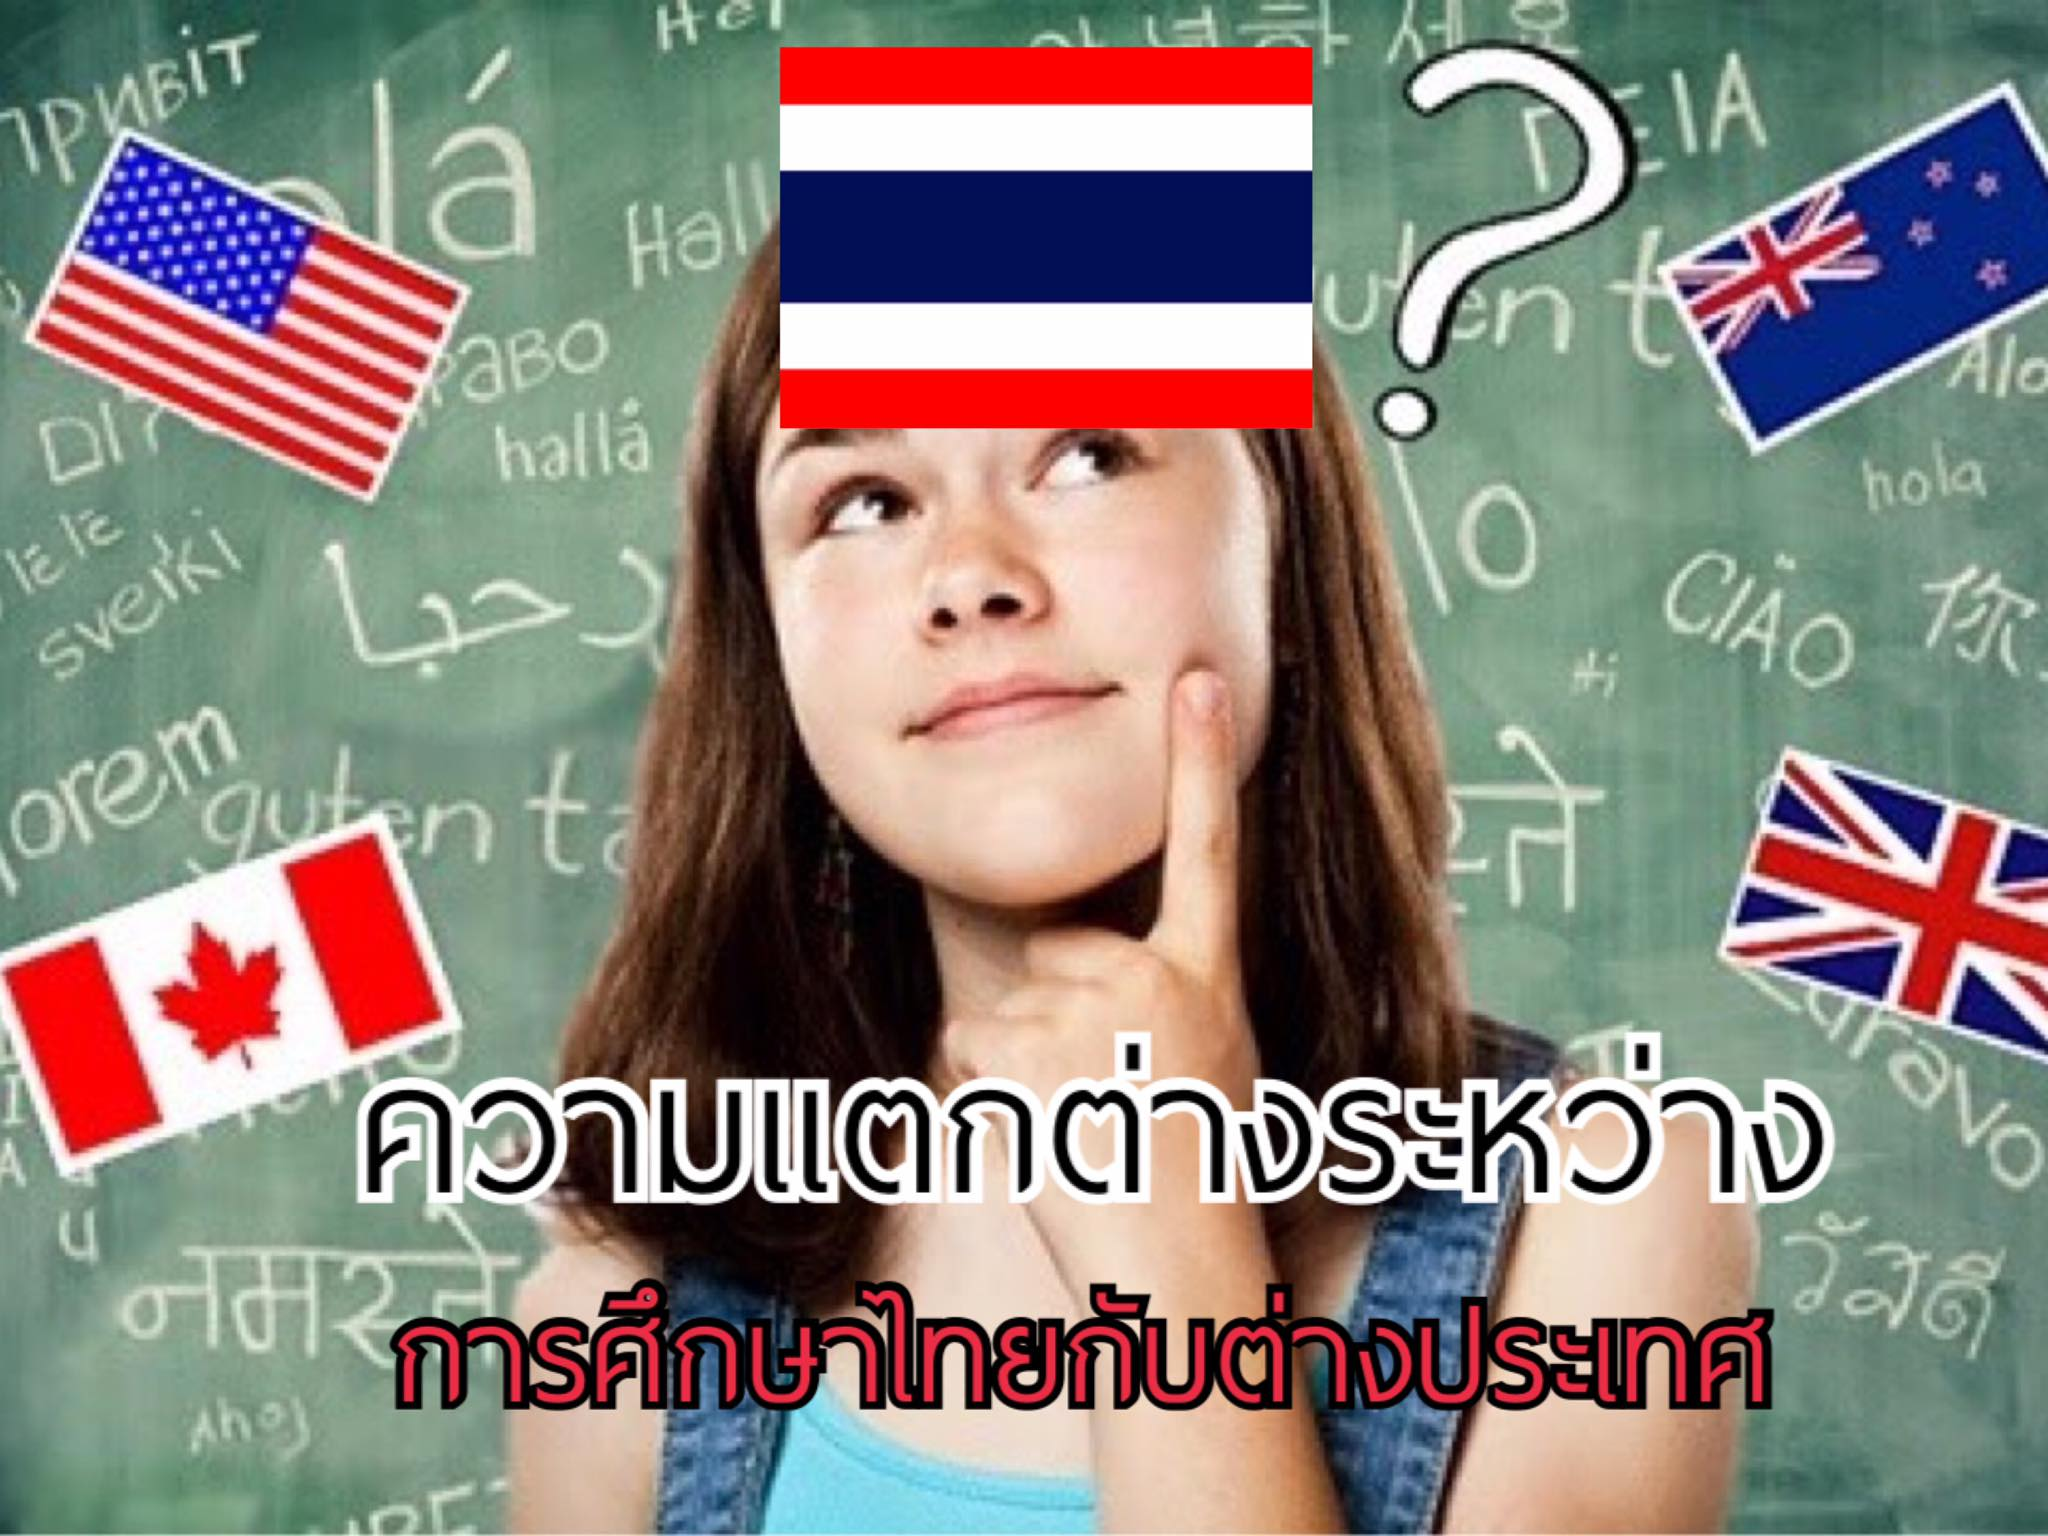 เปรียบเทียบ ความแตกต่างระหว่าง การศึกษาไทยกับต่างประเทศ แบบชัดแจ้ง